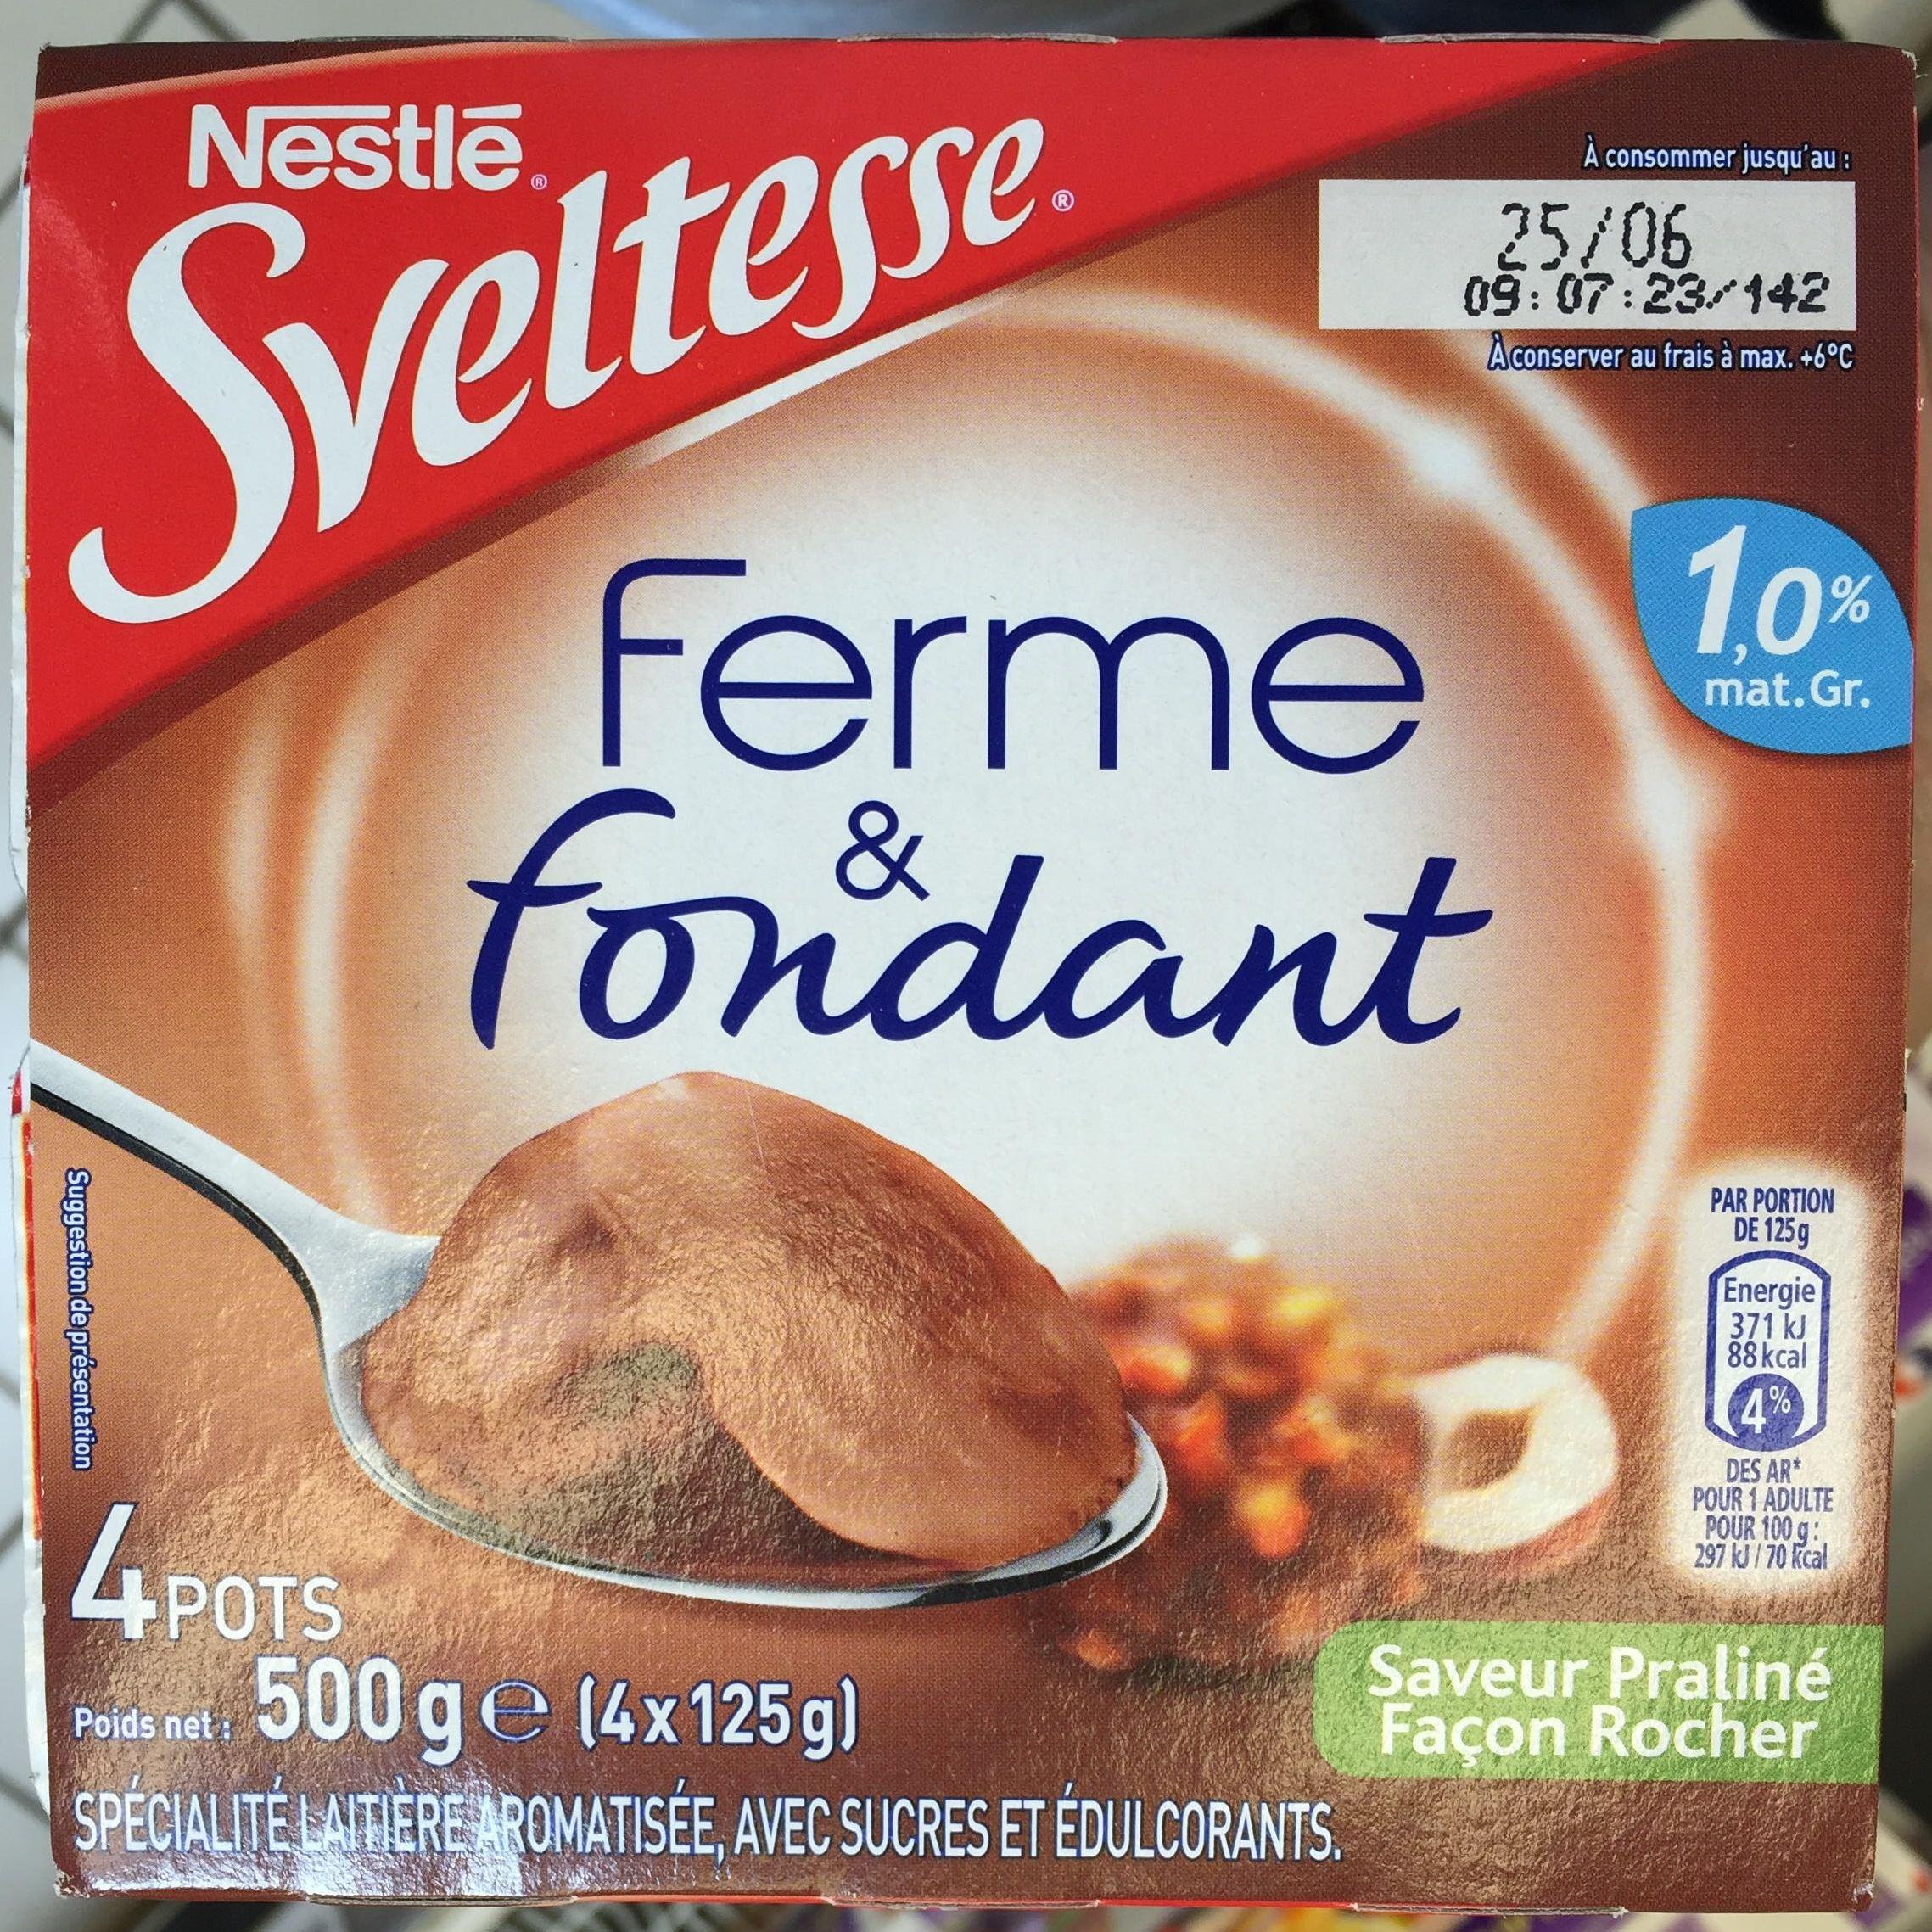 Ferme & Fondant Saveur Praliné Façon Rocher - Product